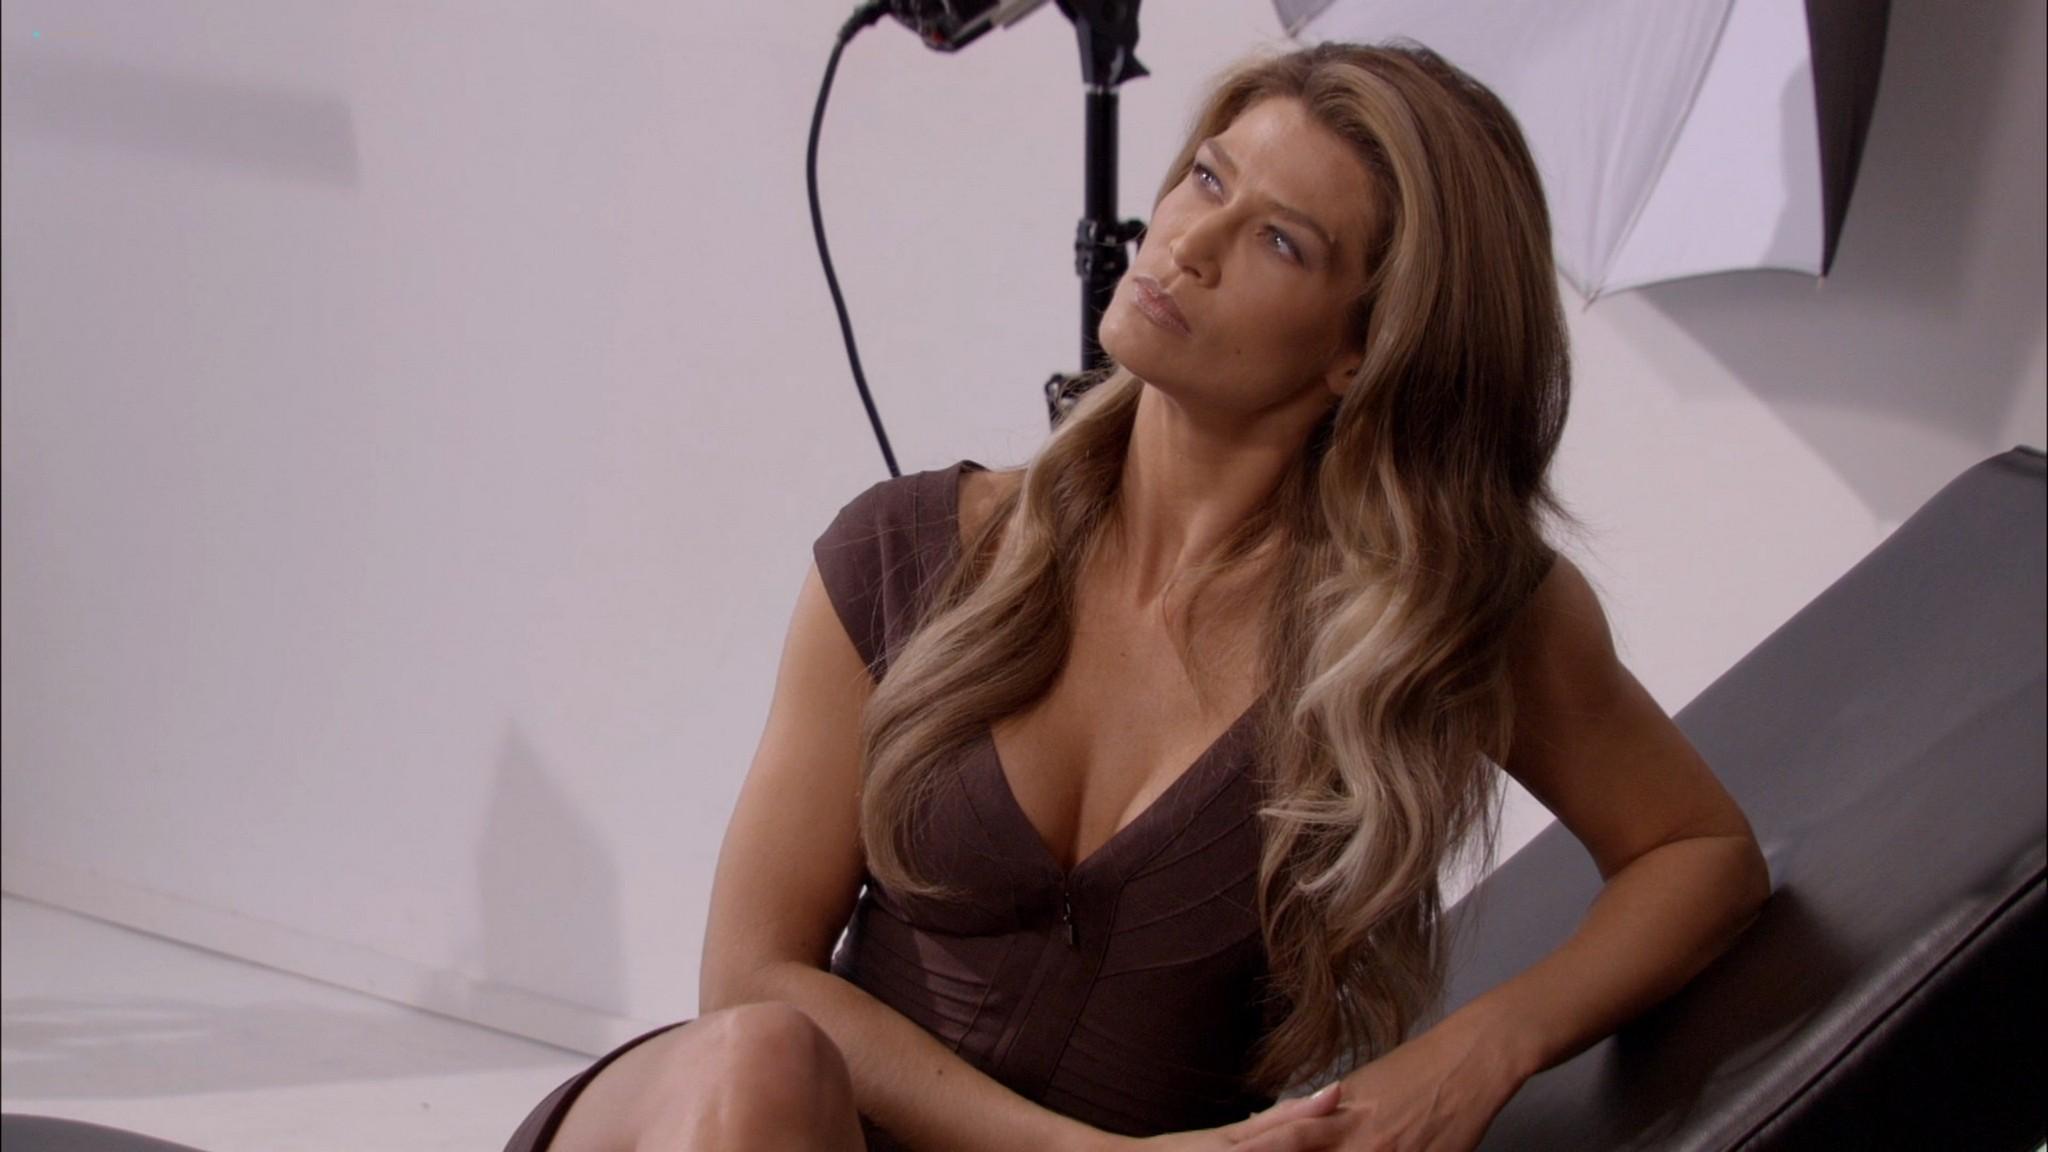 Noelle DuBois nude sex Jennifer Korbin nude sex too Lingerie 209 s2e9 1080p 12